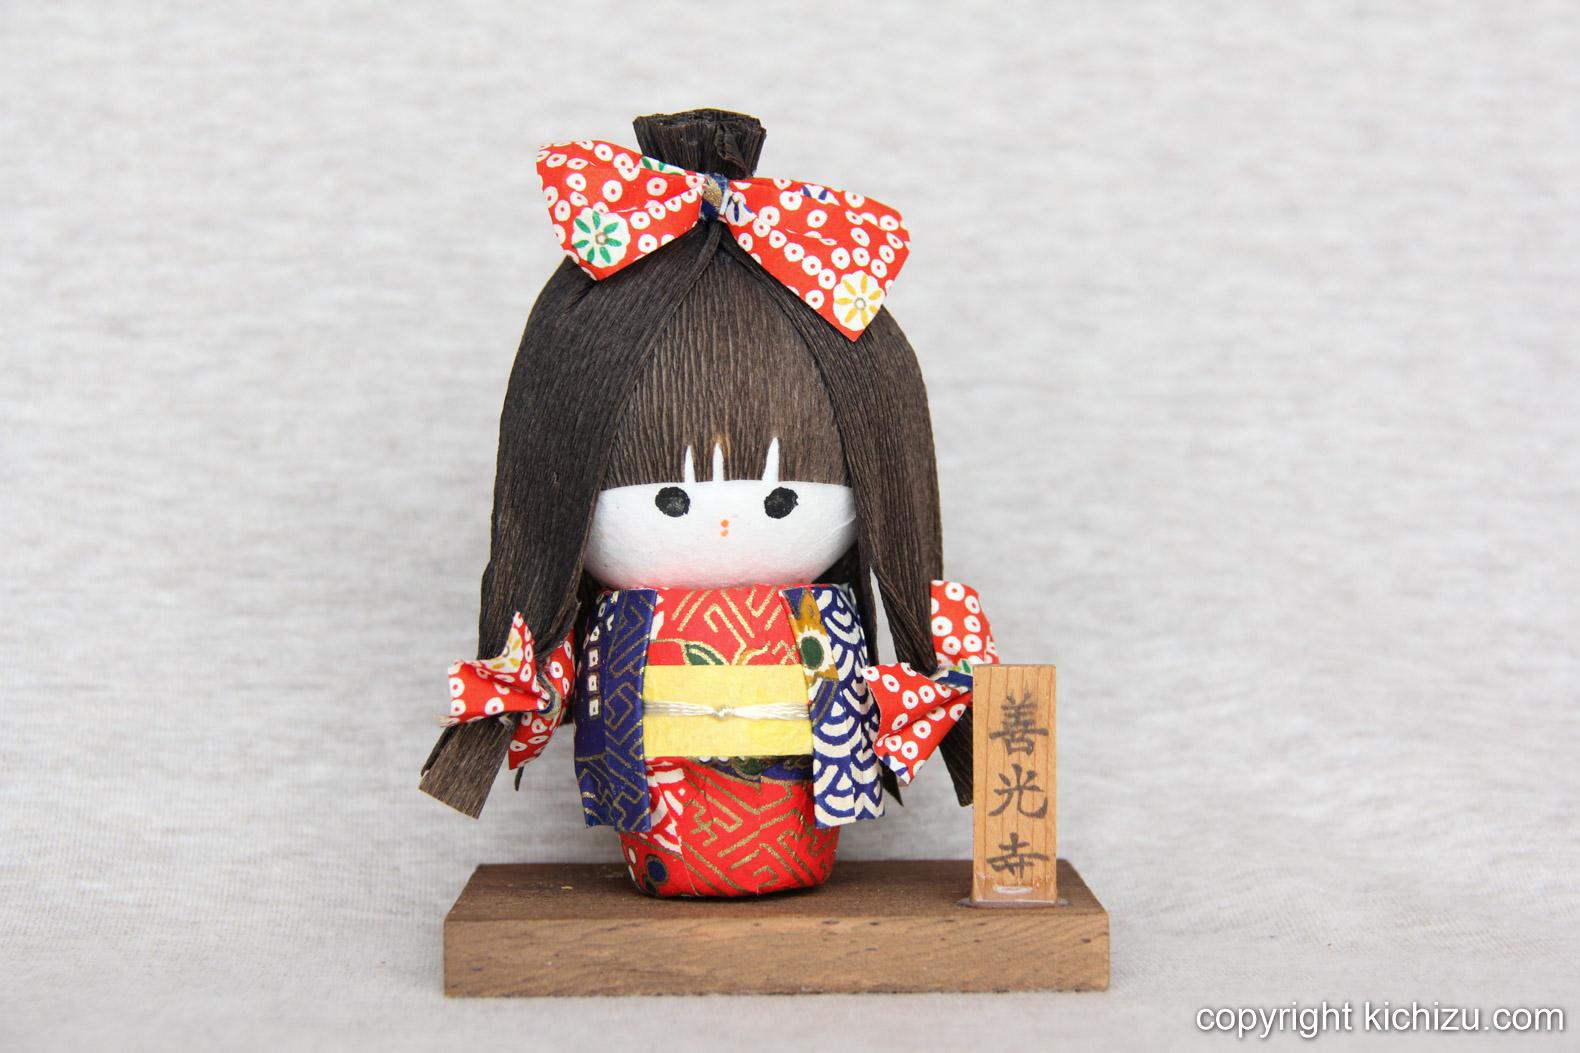 着物を着てリボンを付けた女の子のお人形